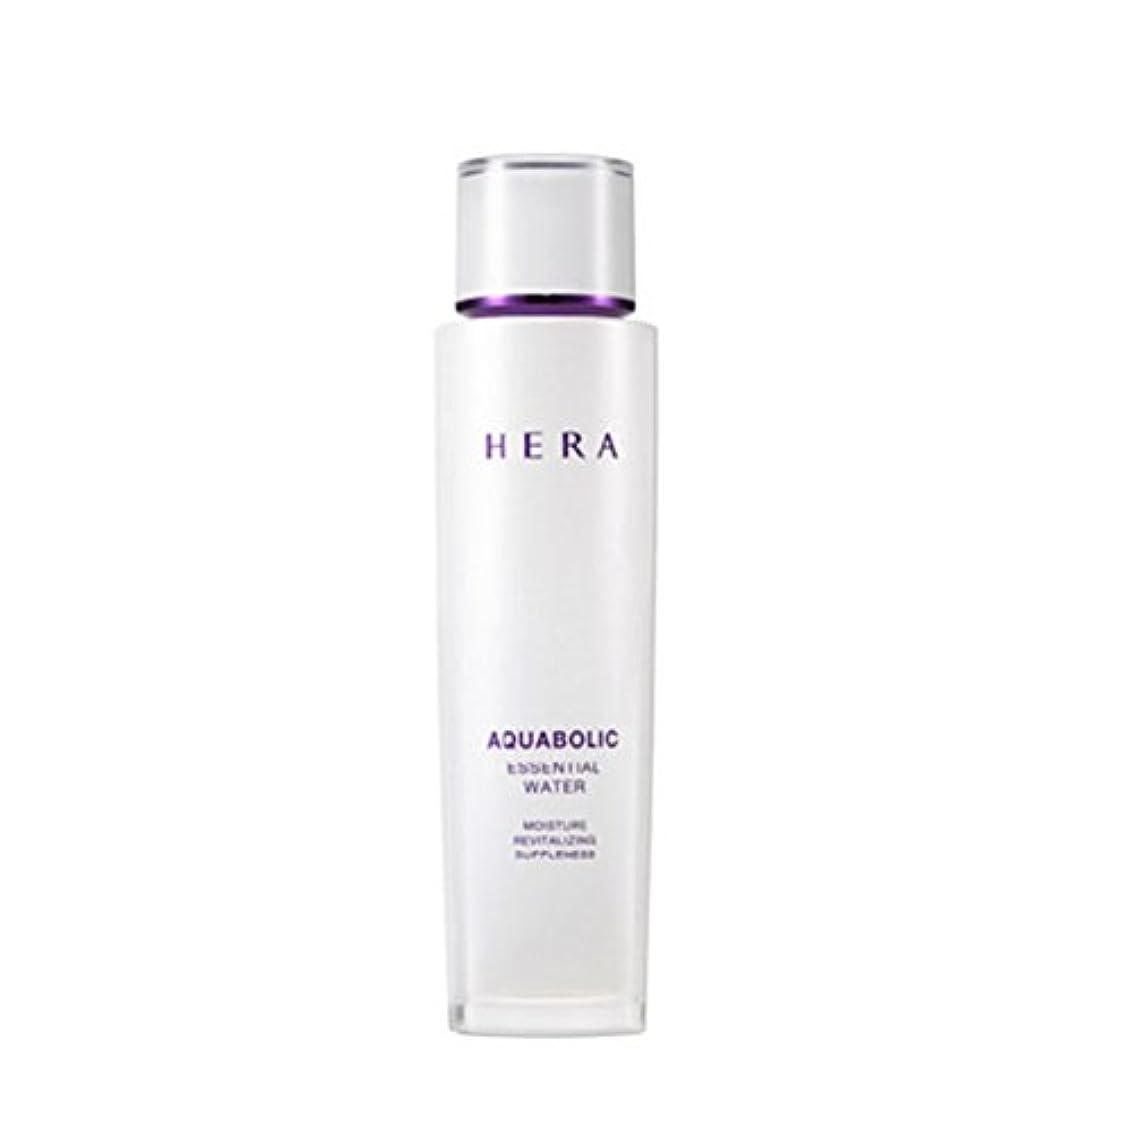 語六やりがいのある(ヘラ) HERA Aquabolic Essential Water アクアボルリクエッセンシャルウオーター (韓国直発送) oopspanda